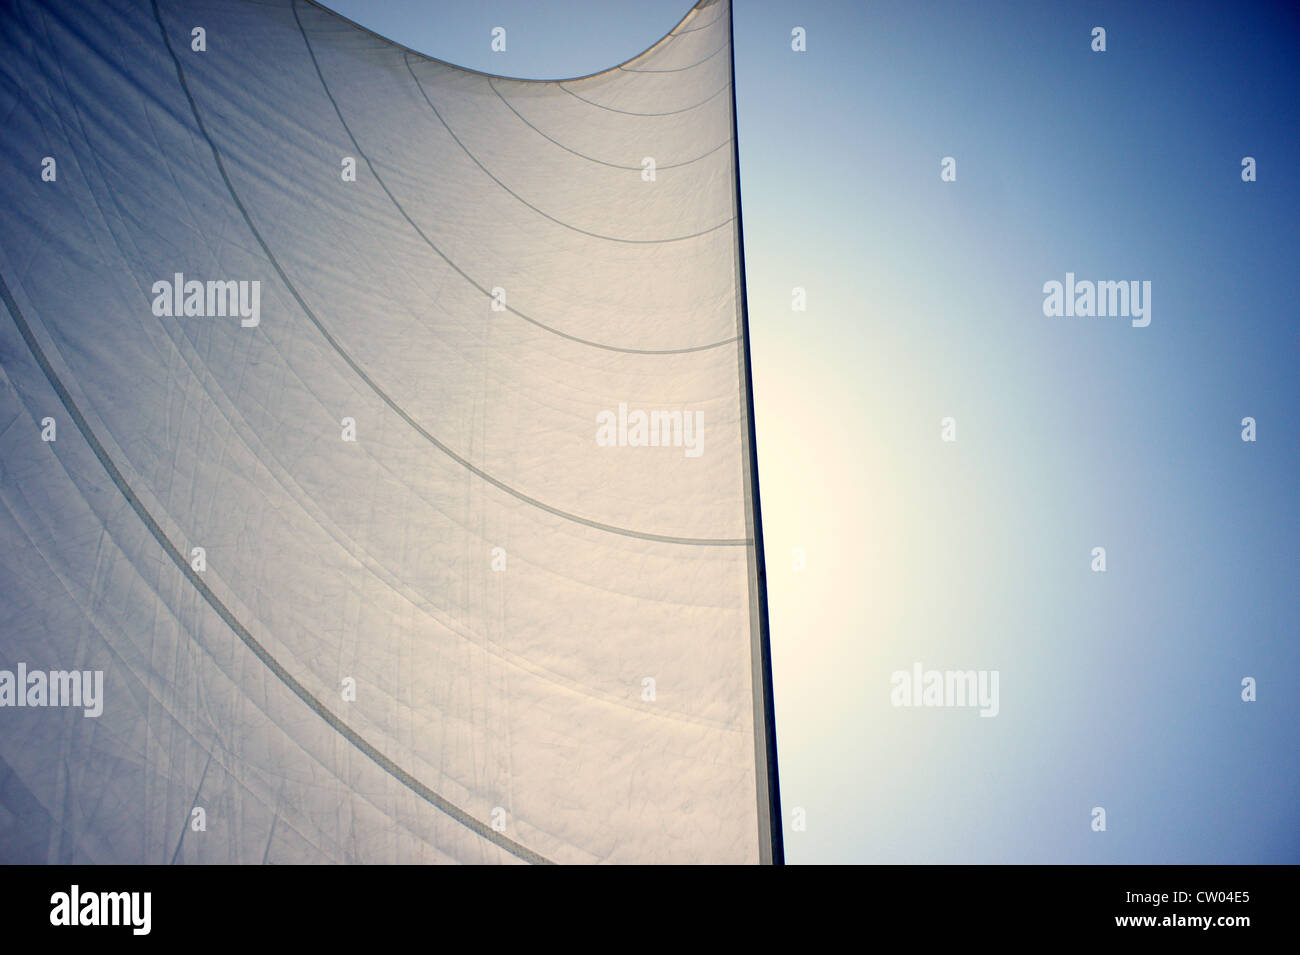 Détail de la torche d'un yacht à voiles, faire son chemin sous le soleil, sur la mer Ionienne. Photo Stock